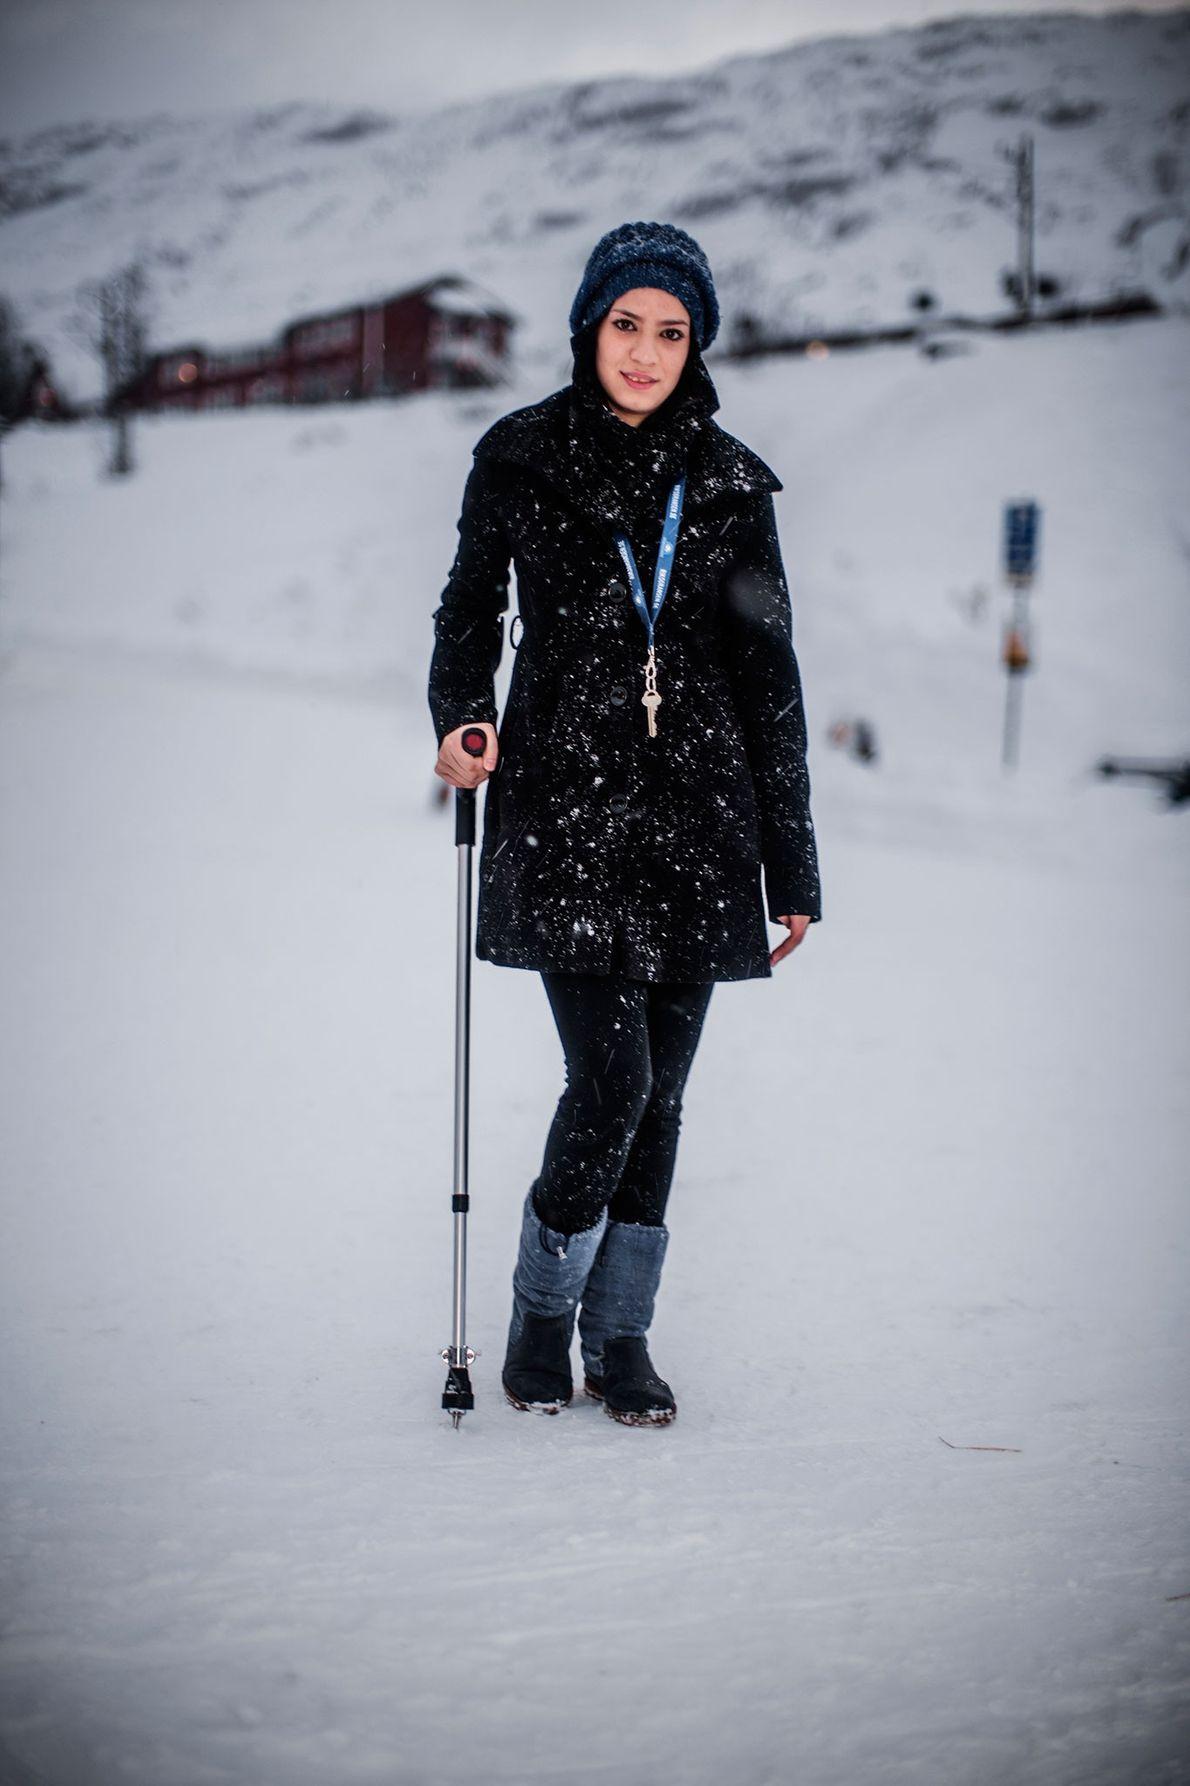 Fotografia de Roya Hosseini, de 14 anos, que se refugiou com a sua família na Suécia